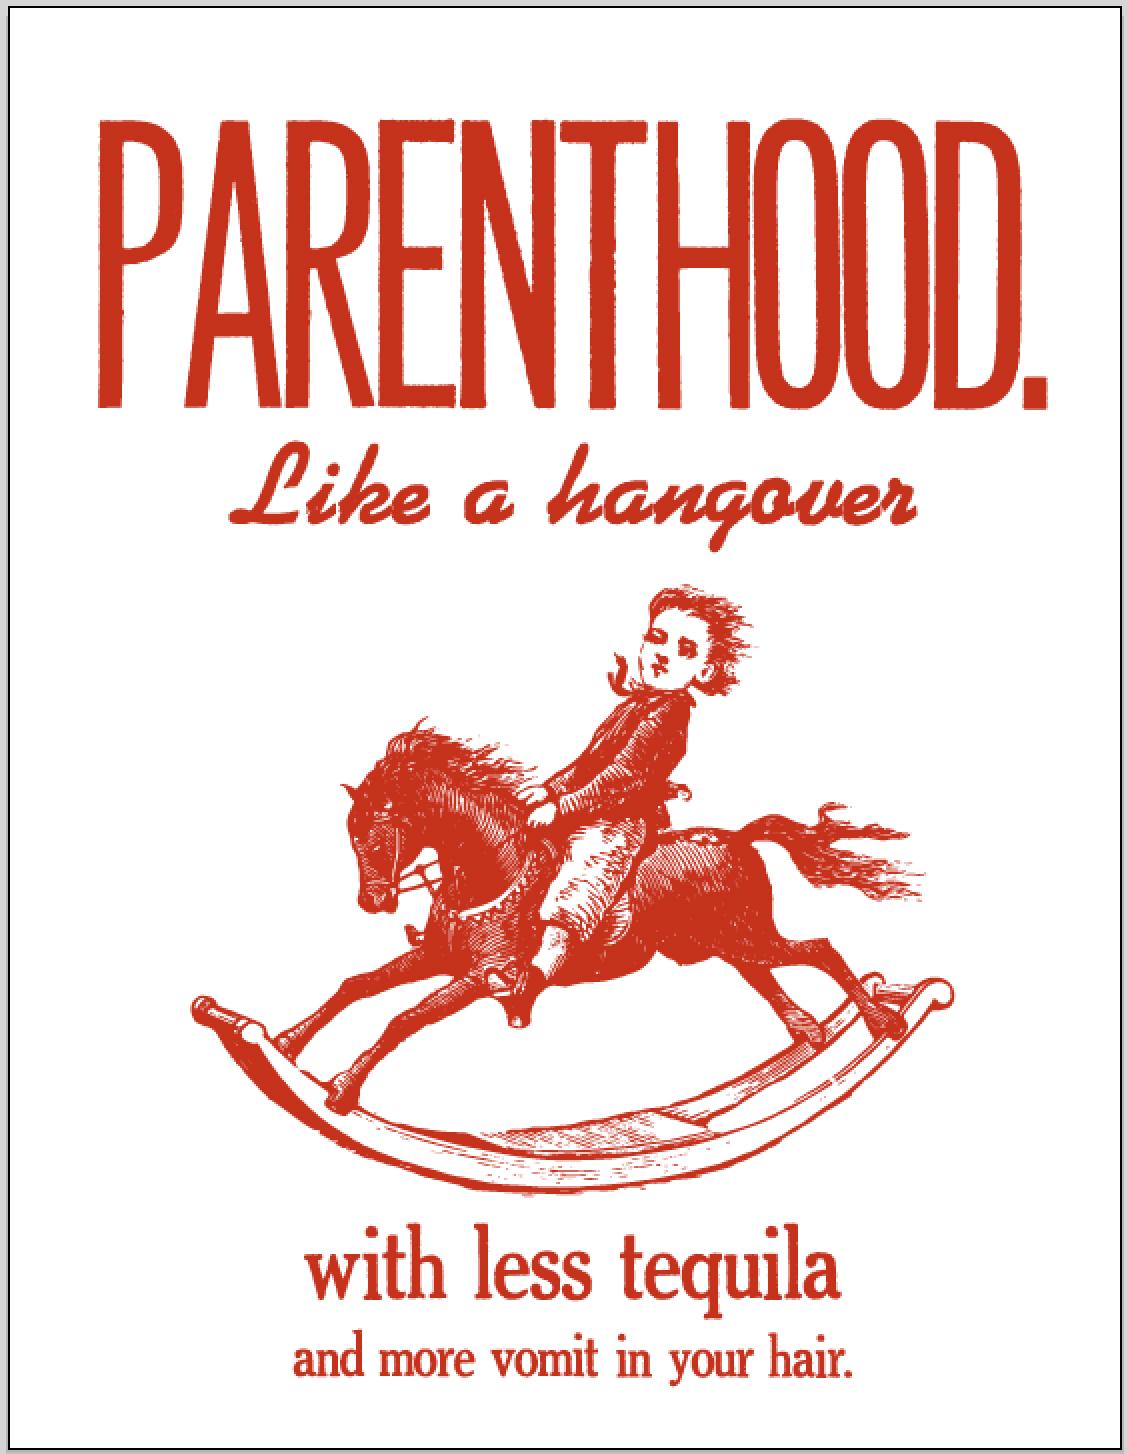 parenthood.like a hangover